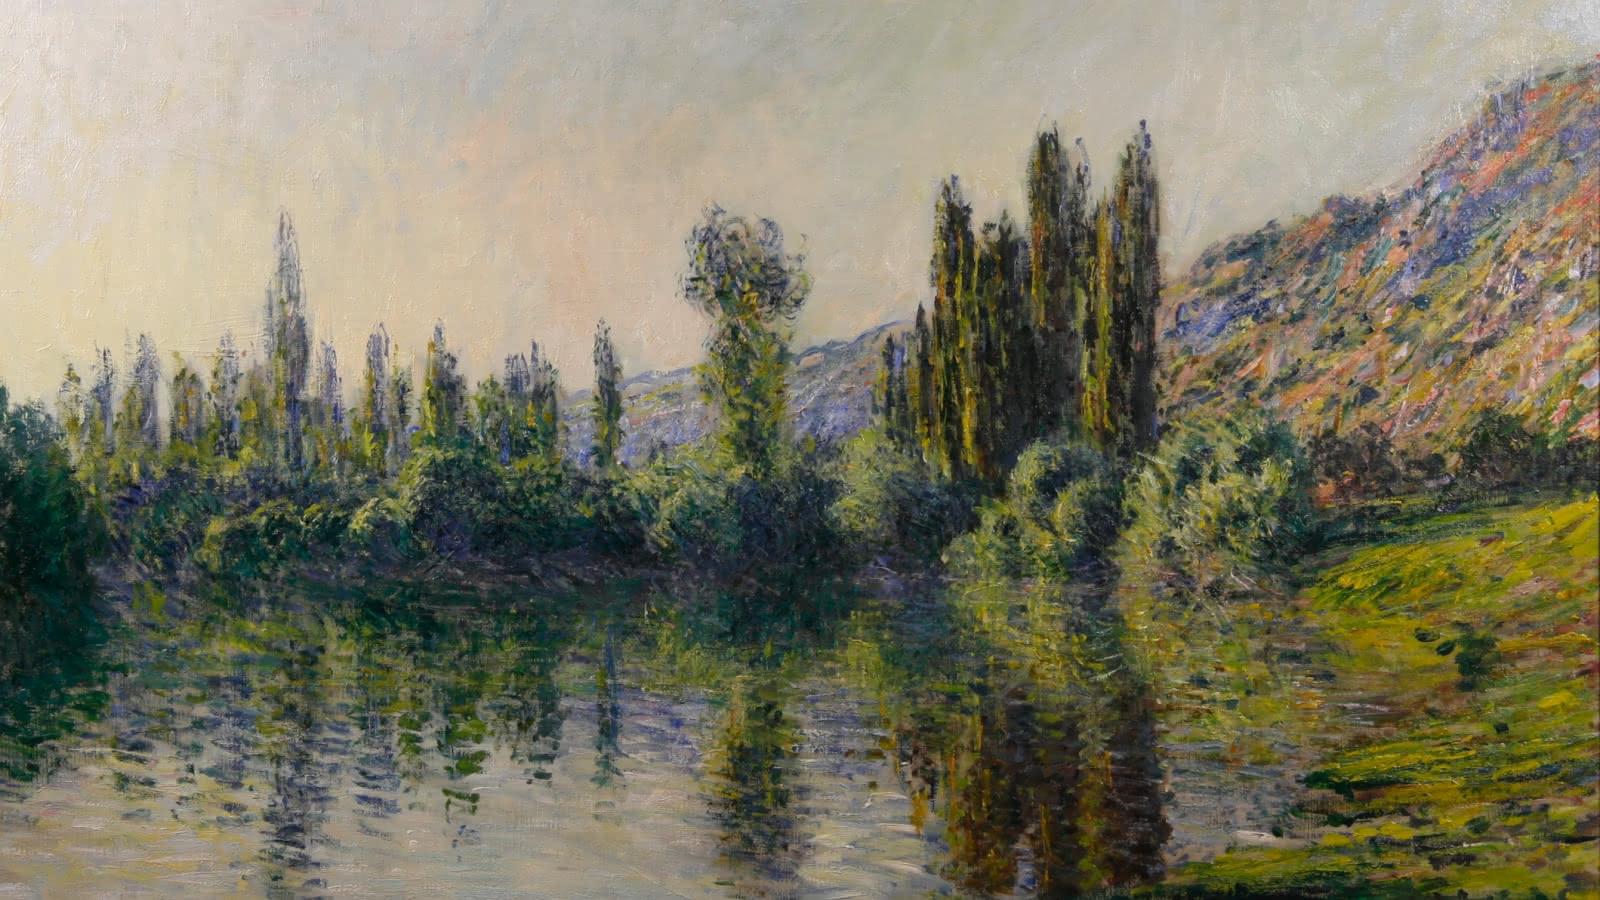 Peinture de Claude Monet La Seine à Vétheuil